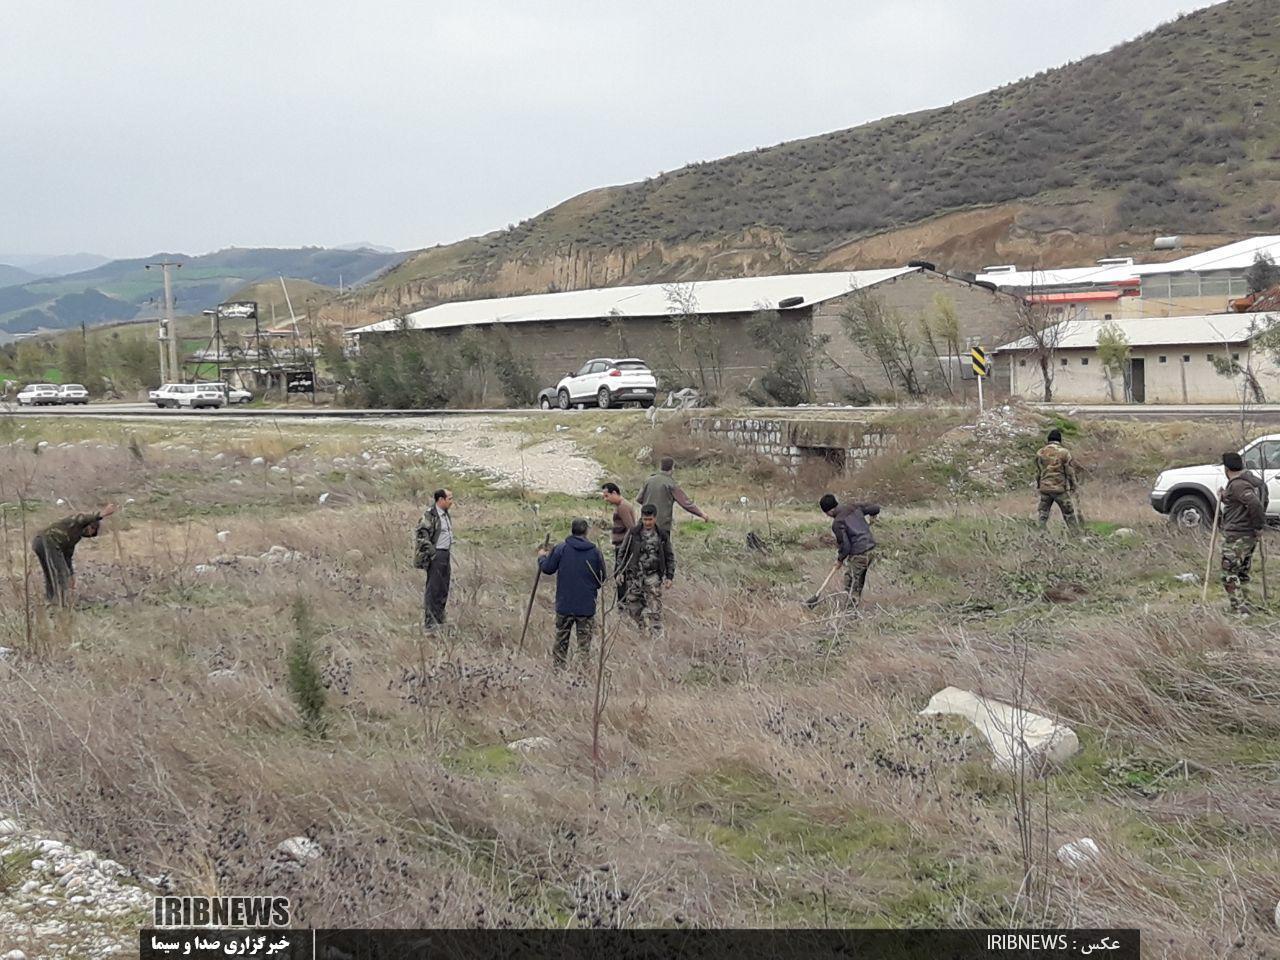 کاشت نهال در حاشیه جاده آزاد شهر به مینودشت